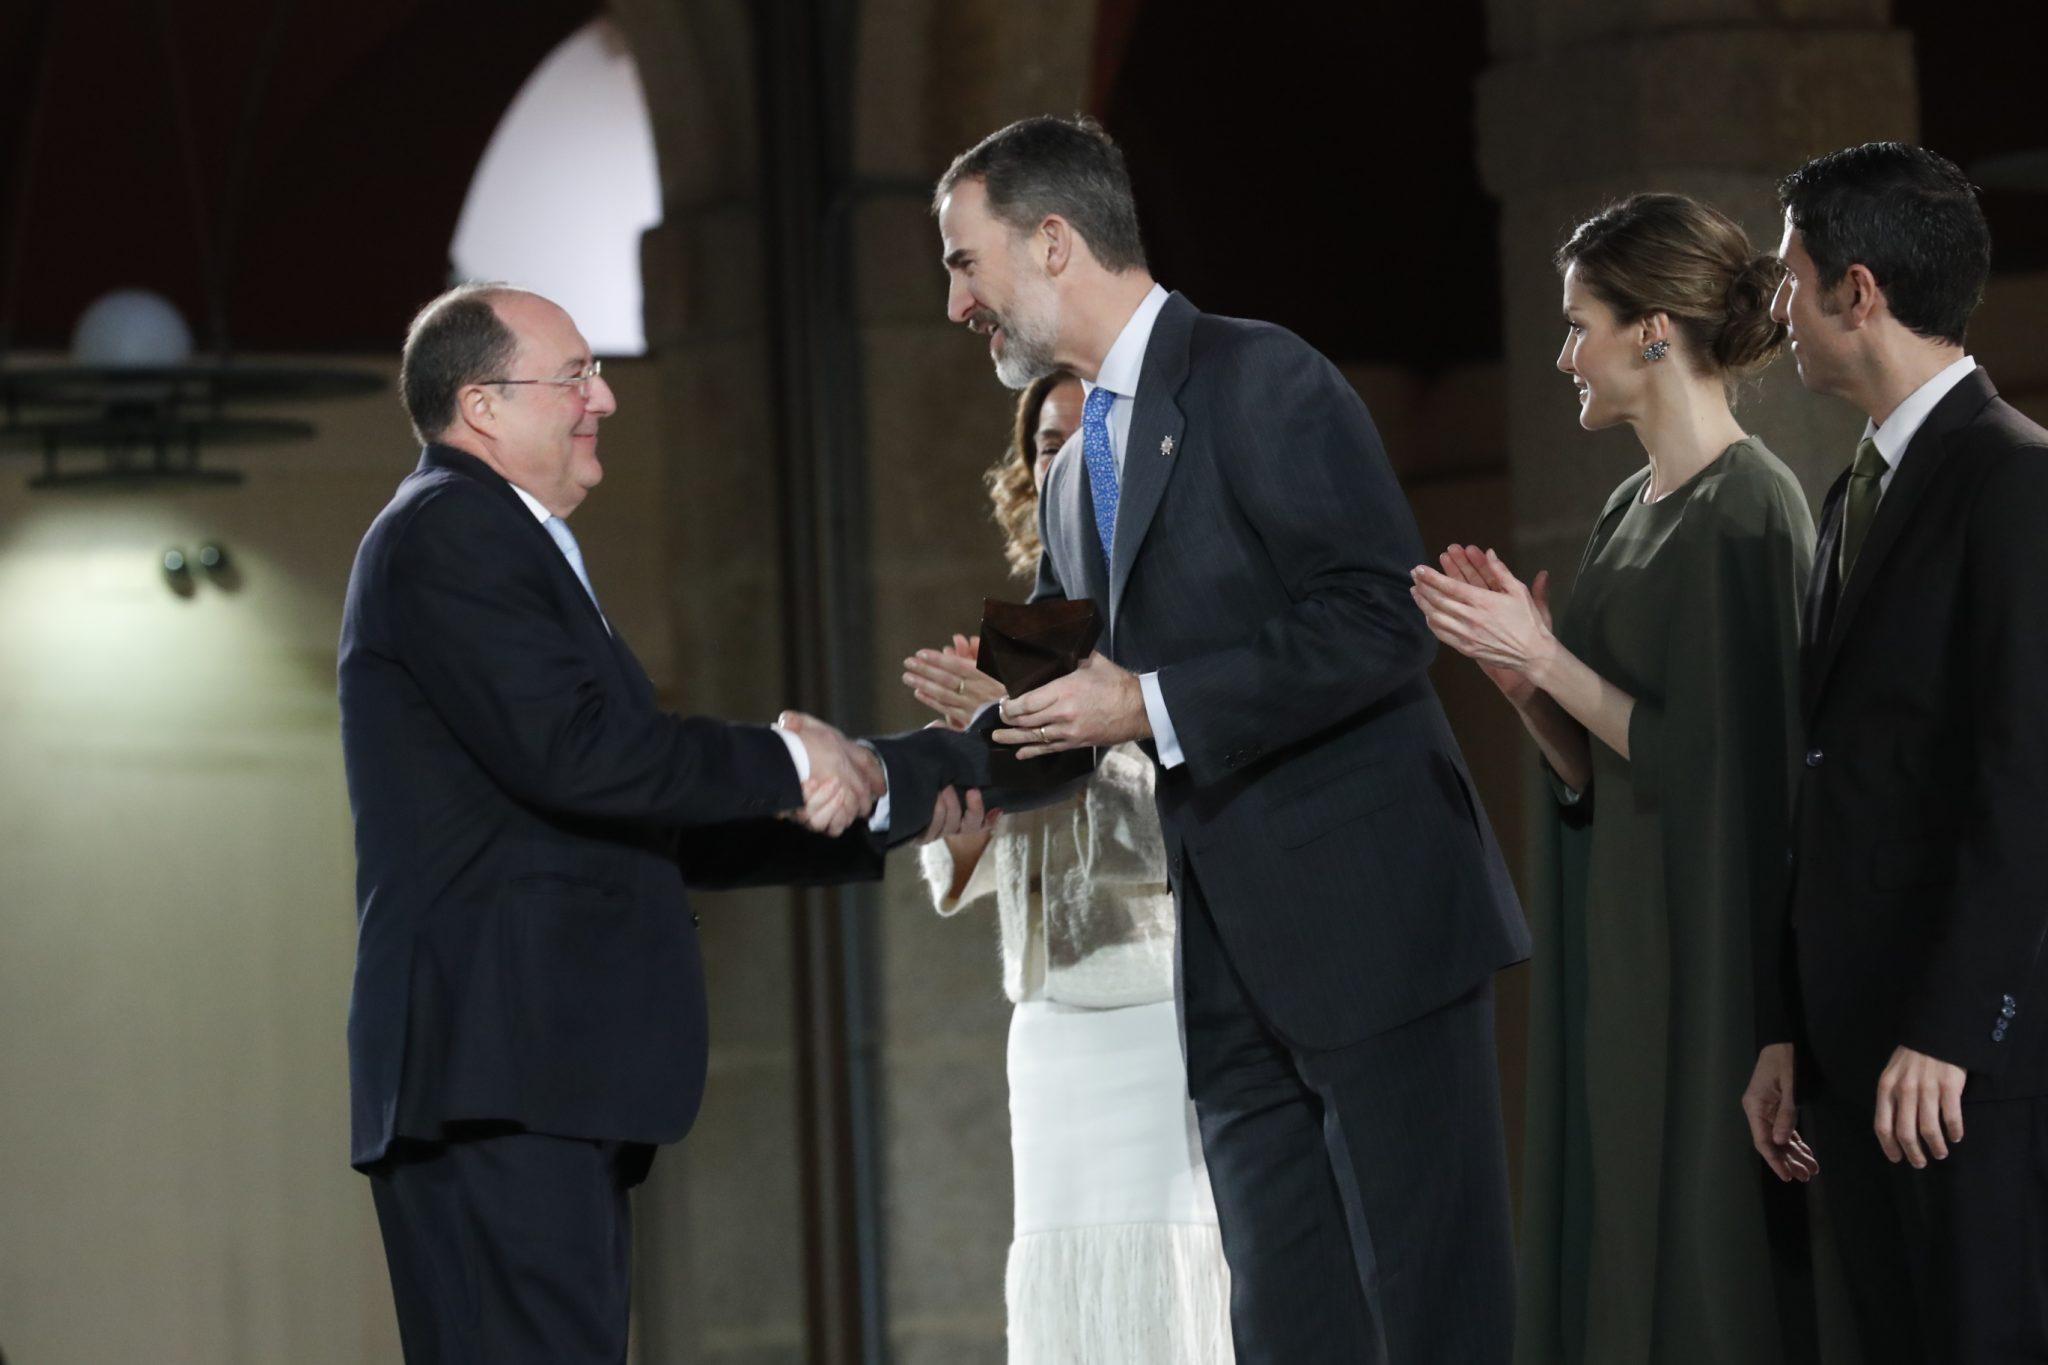 D. Carlos Moro Recibiendo el premio de manos de su Majestad el Rey Felipe VI